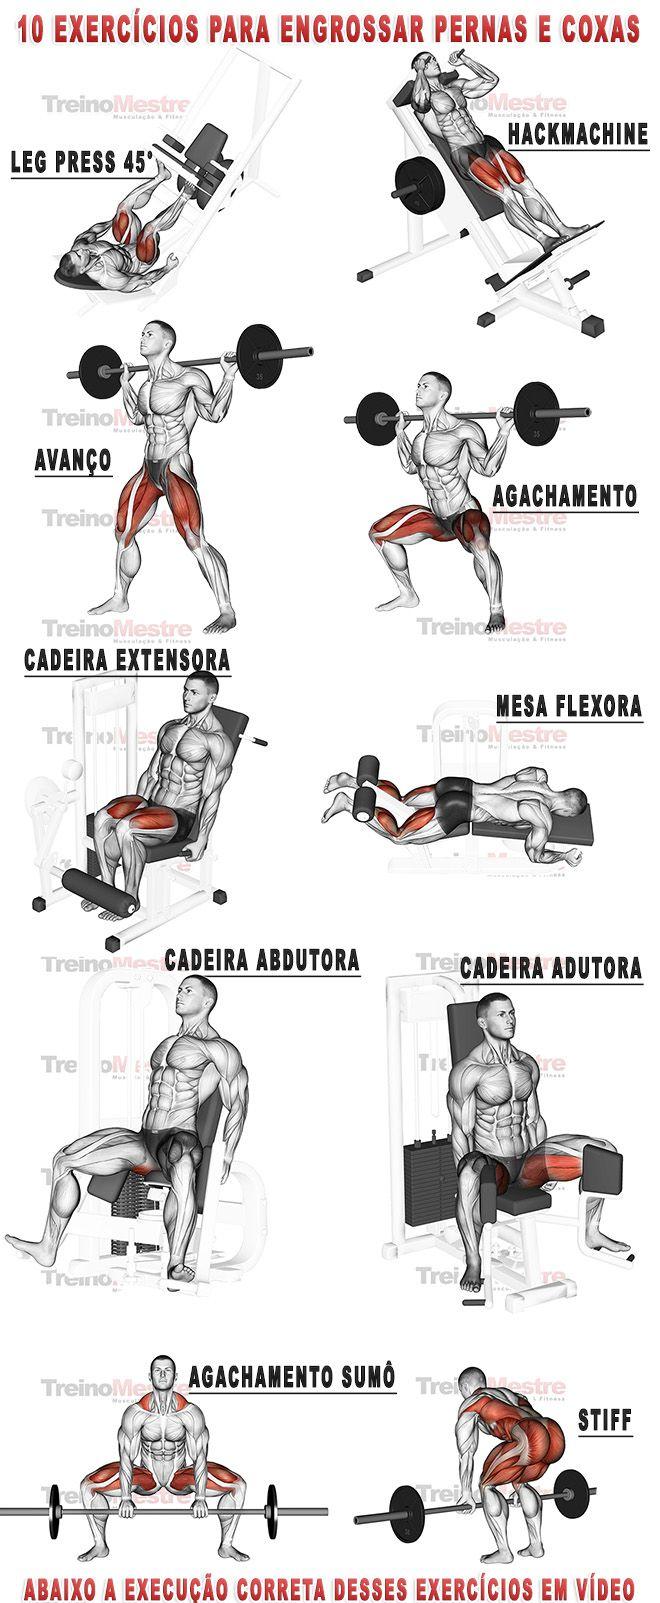 10 exercícios para engrossar pernas e coxas com vídeos (visitar artigo).  Mais…                                                                                                                                                                                 More